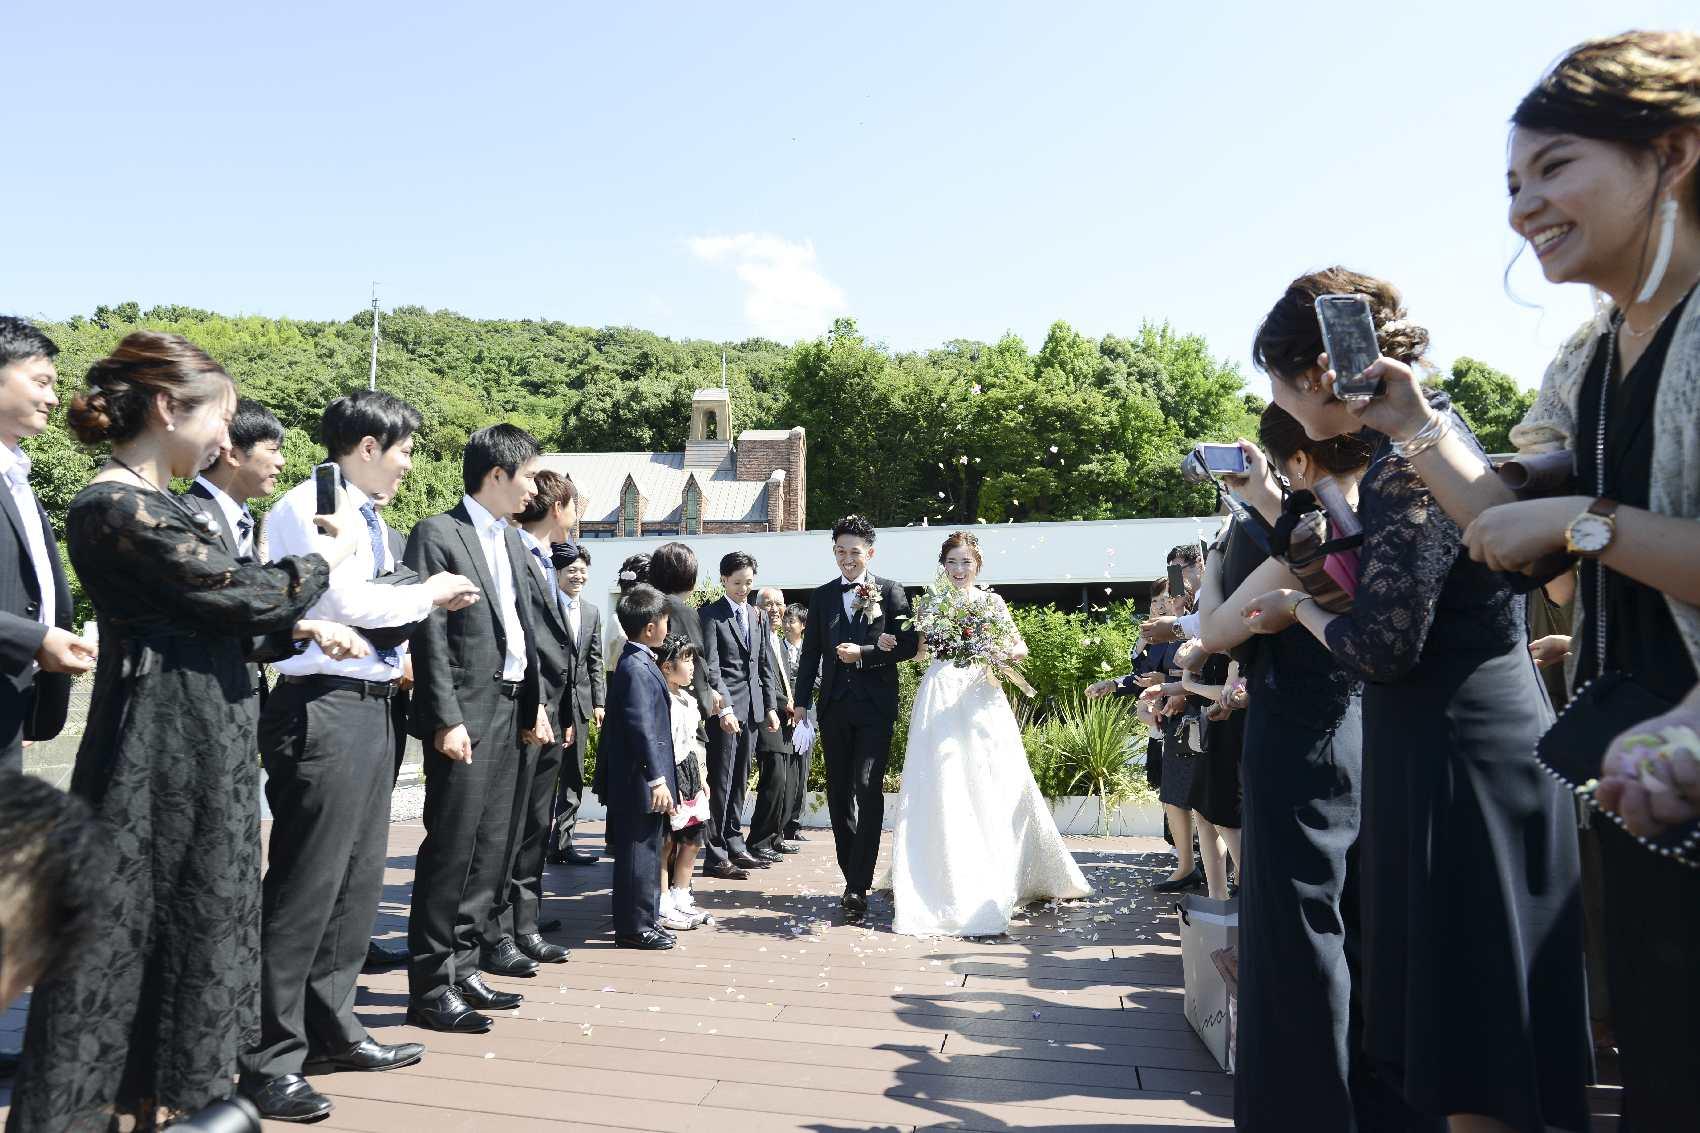 香川県高松市の結婚式場アナザースタイルのテラス入場